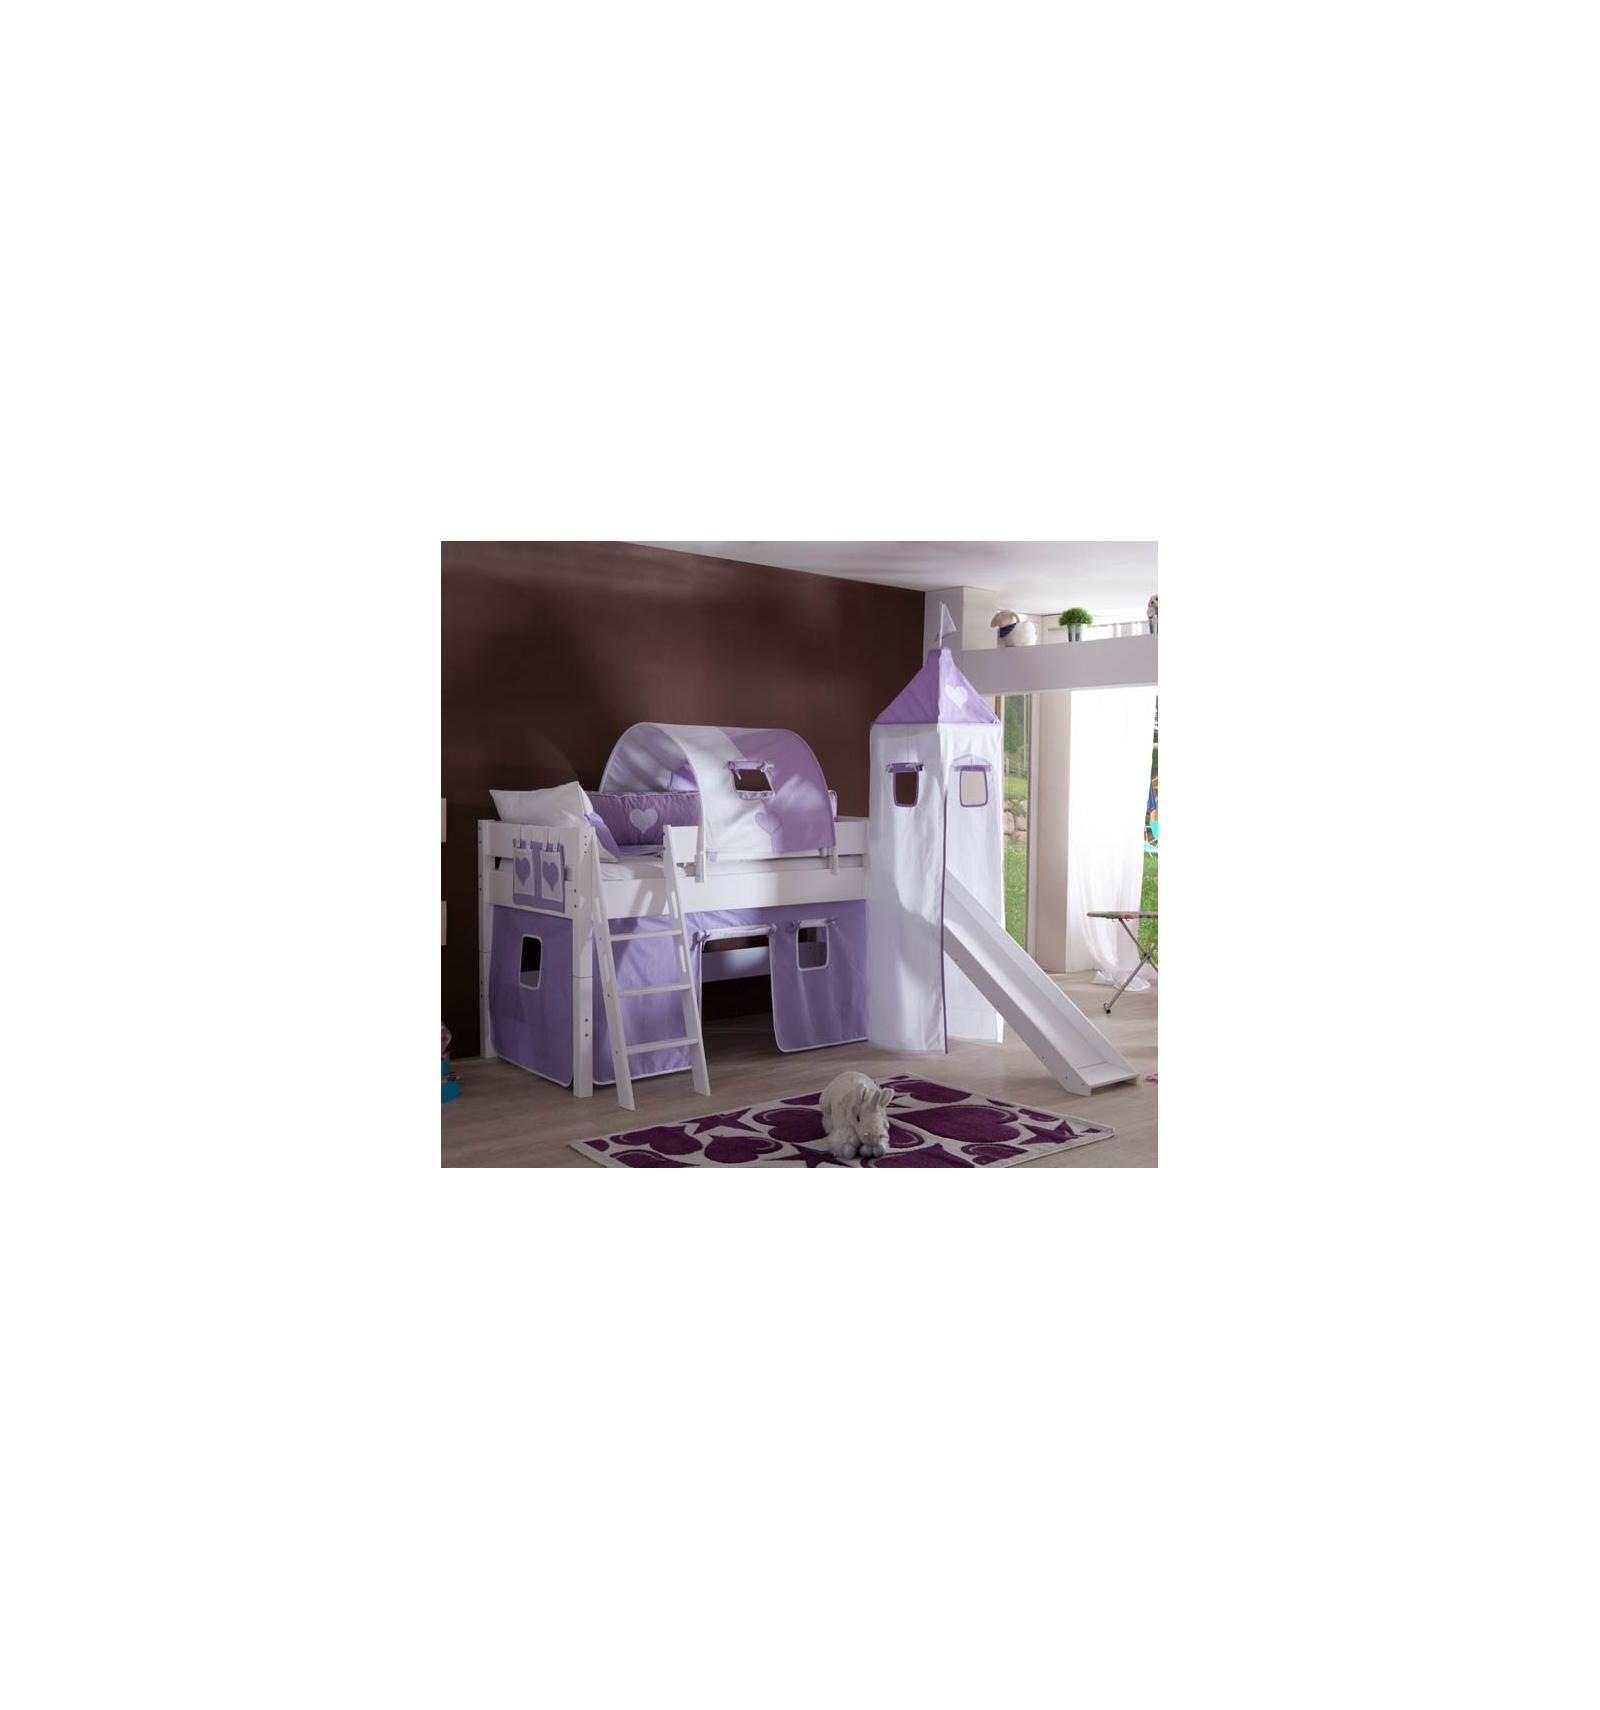 lit surelev avec toboggan. Black Bedroom Furniture Sets. Home Design Ideas